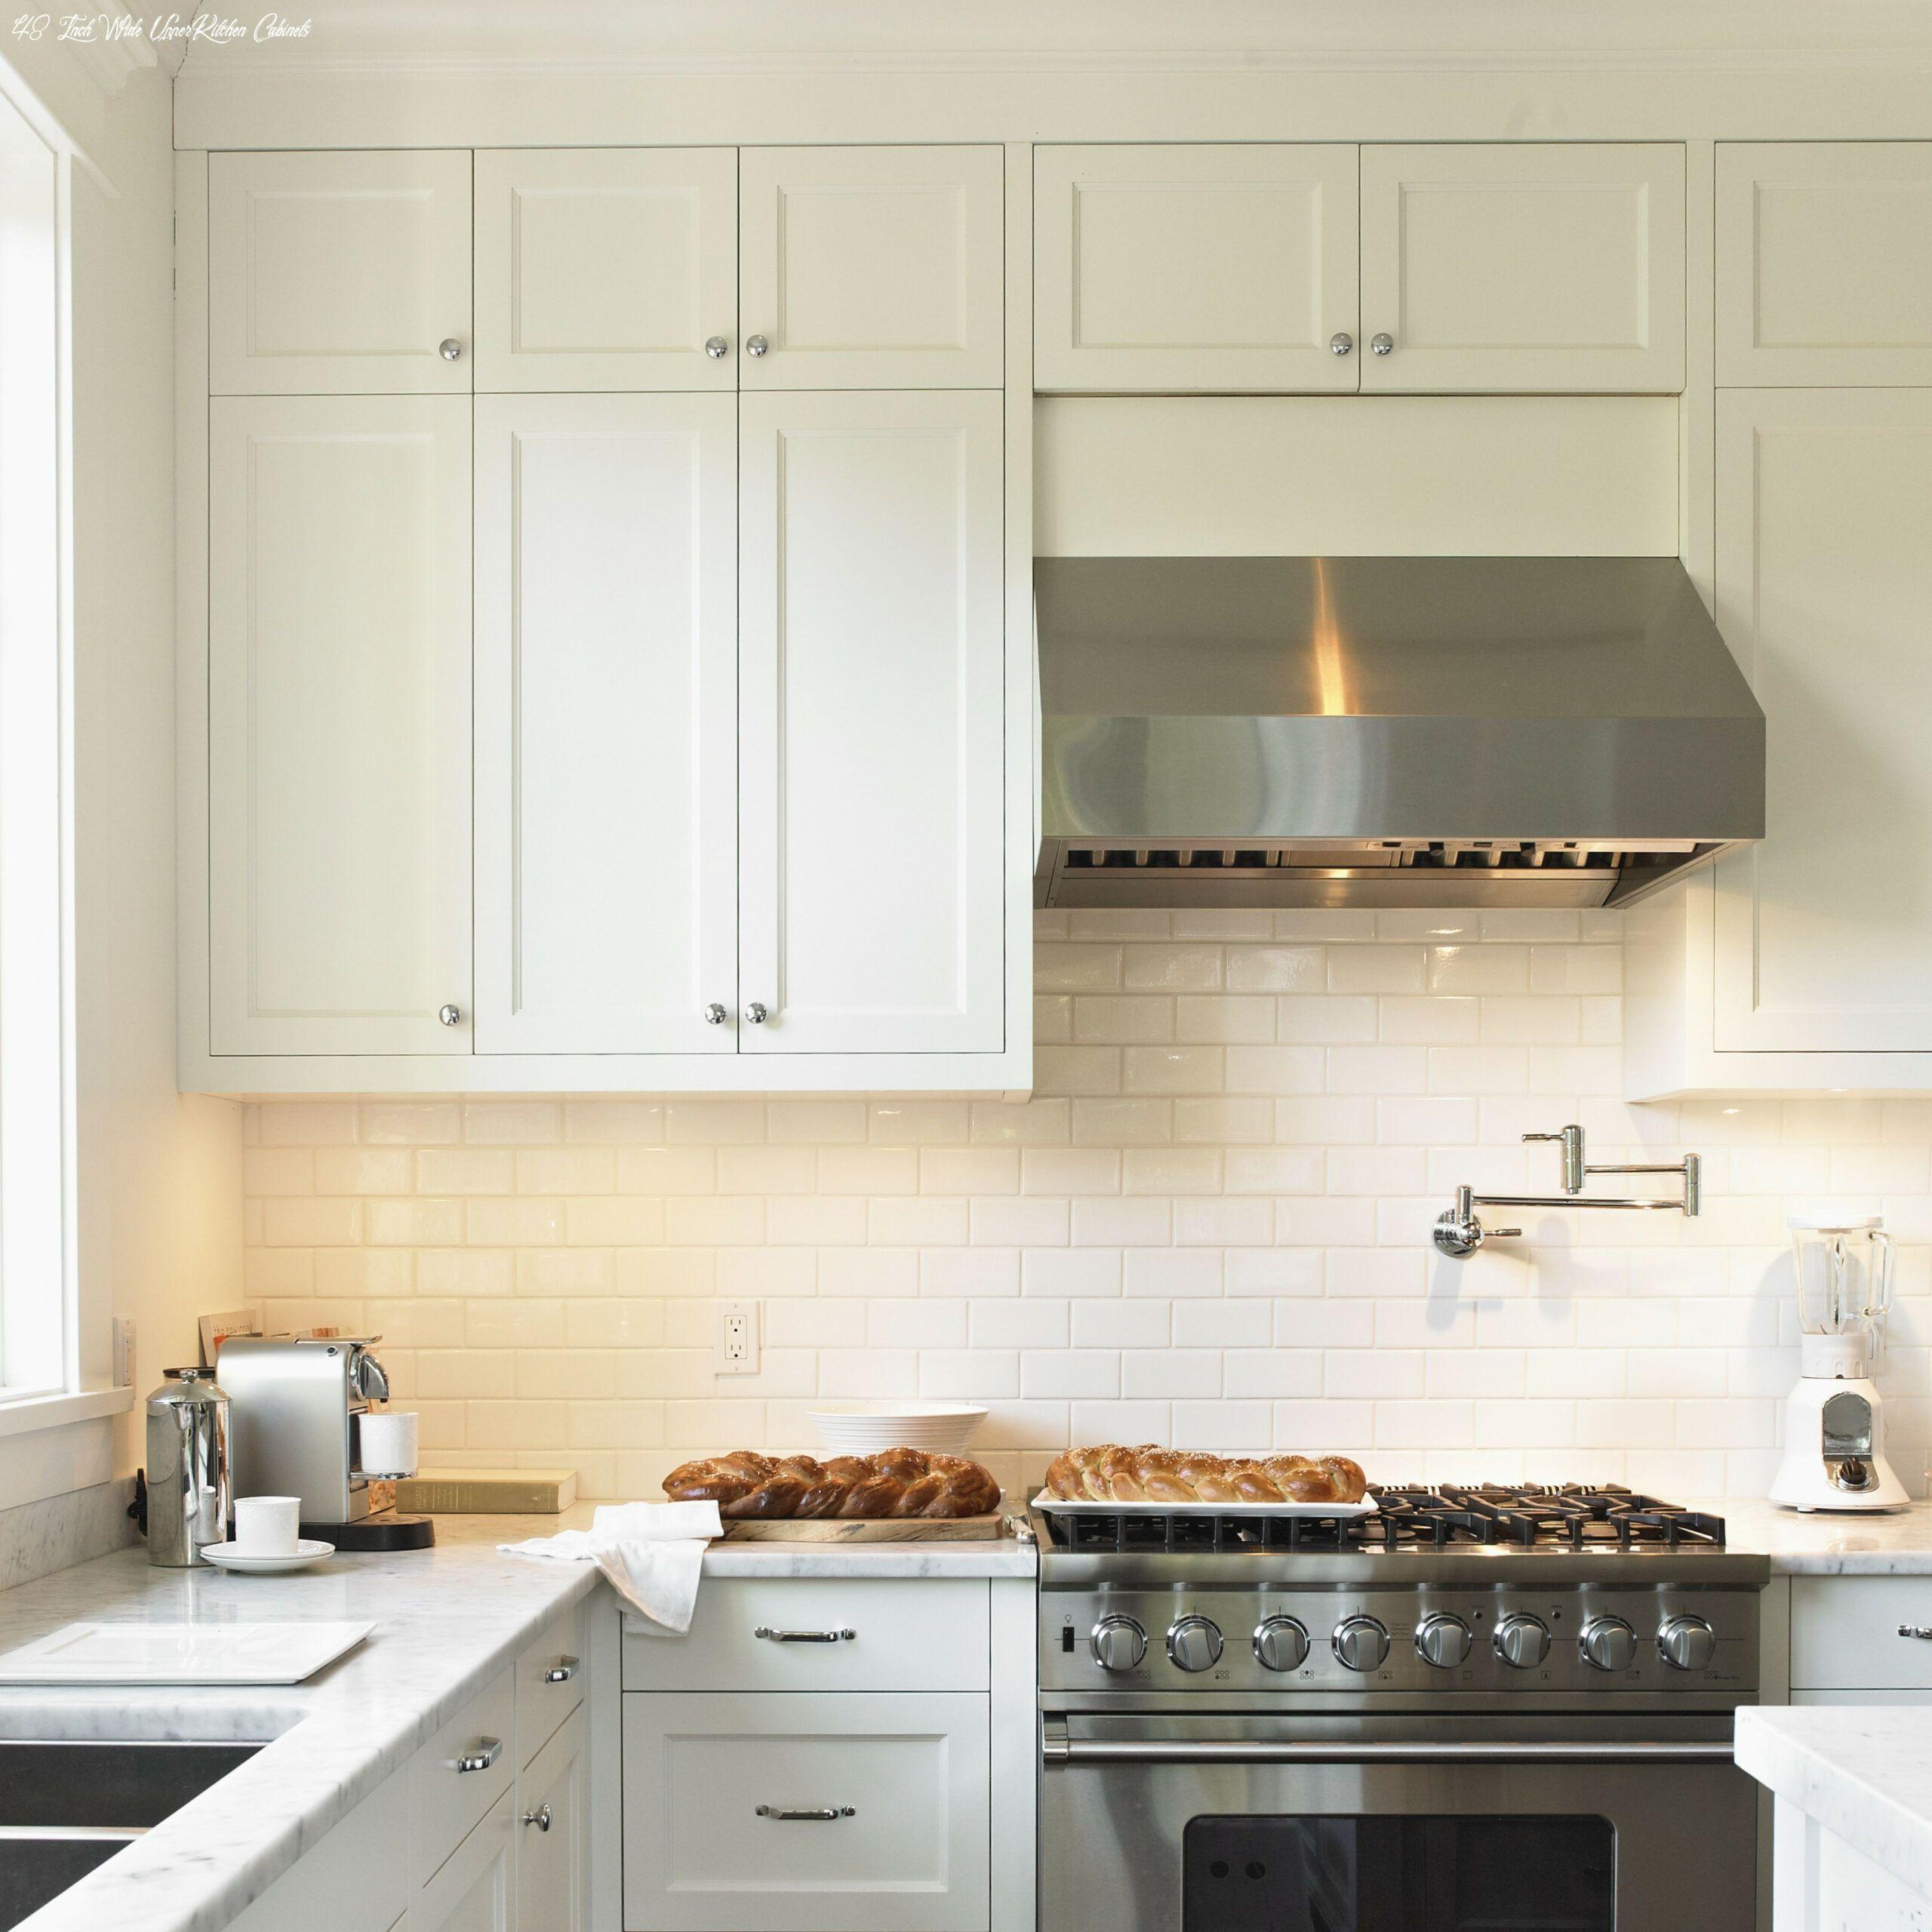 48 Inch Wide Upper Kitchen Cabinets In 2020 Kitchen Cabinet Sizes Kitchen Cabinet Dimensions Kitchen Cabinets Height